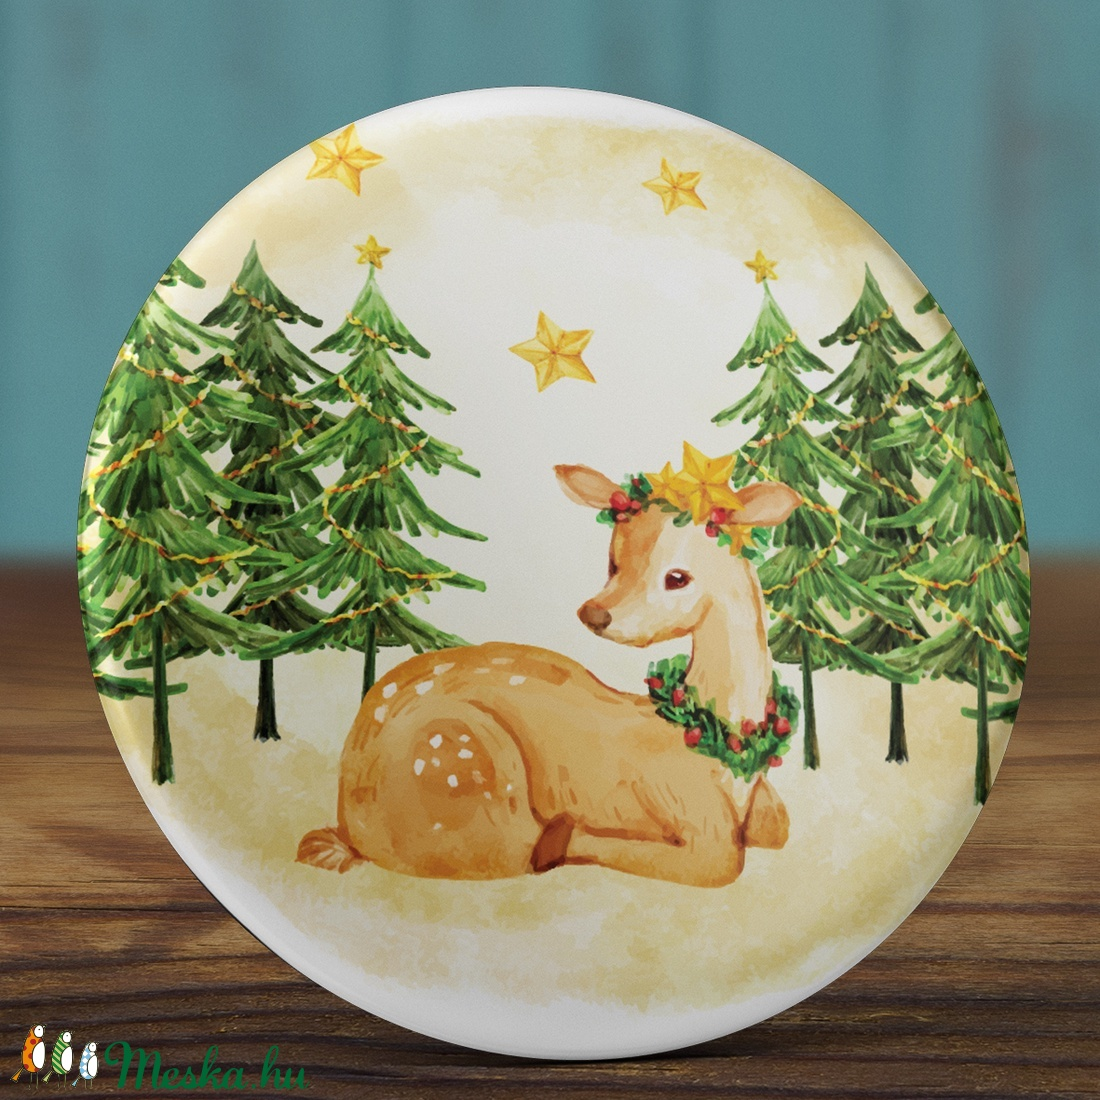 Karácsonyi tükör - Szarvas zsebtükör - őz tükör - karácsony zsebtükör  - őzike tükör - karácsony ajándék - karácsonyfa (AngelPin) - Meska.hu